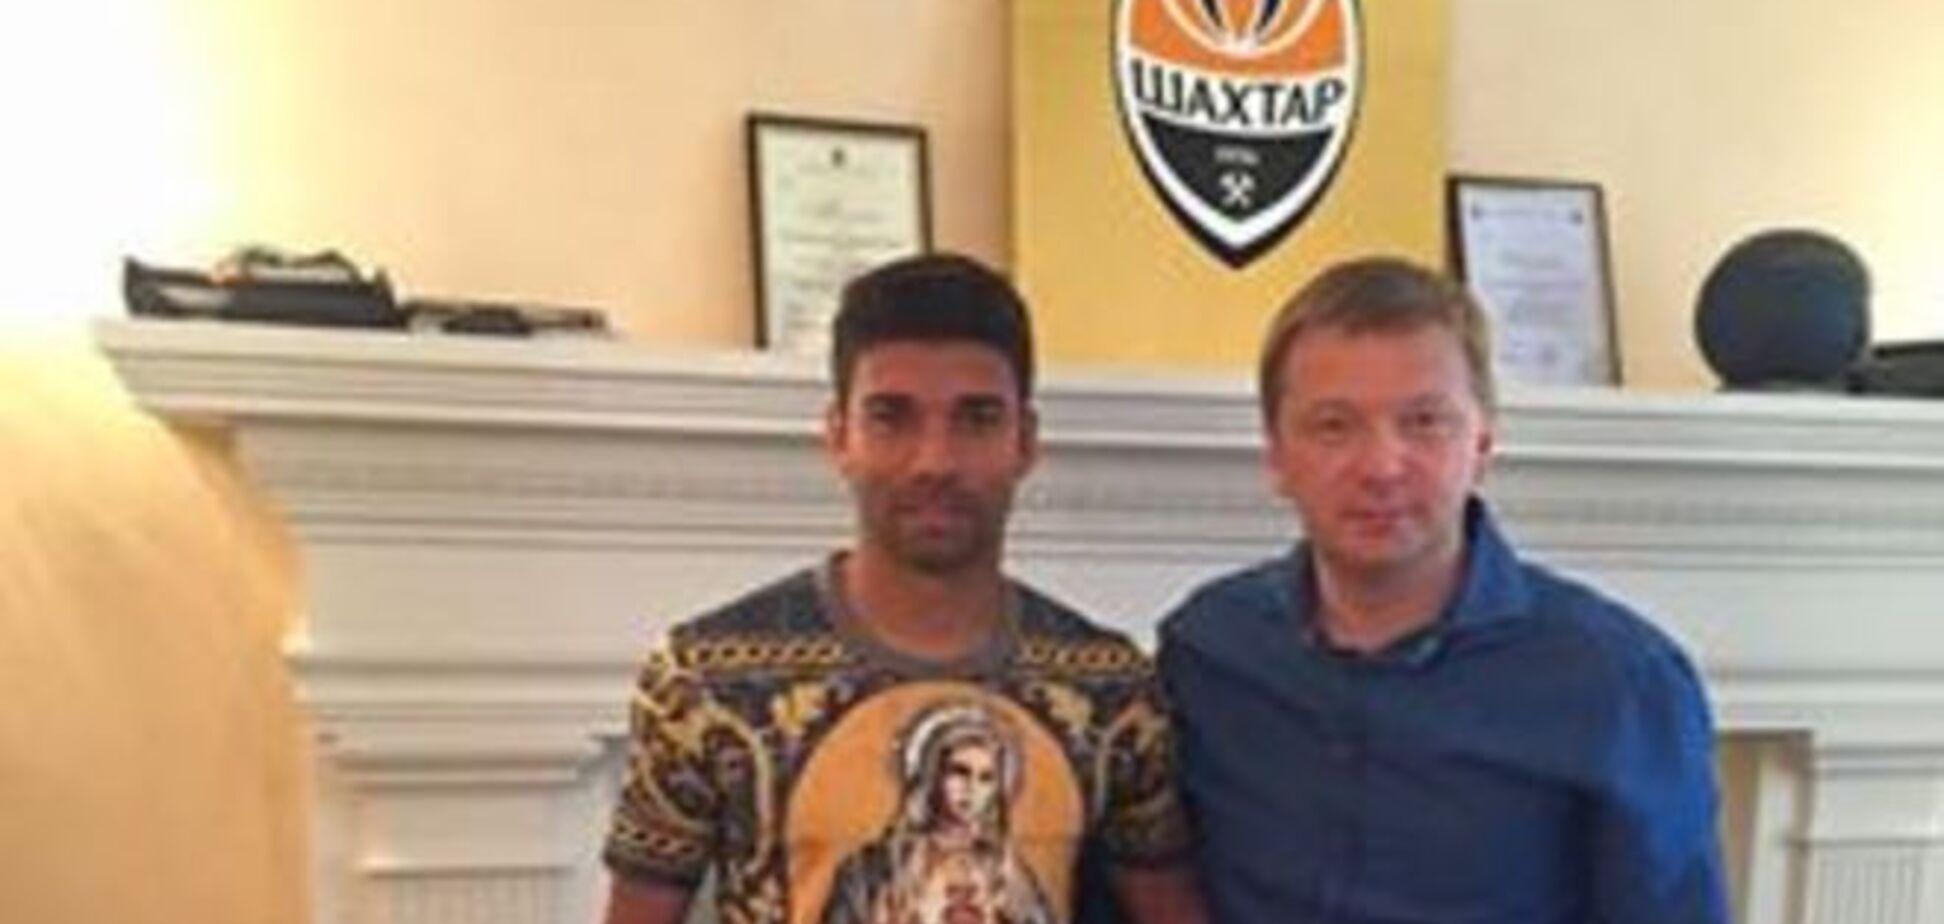 'З поверненням, Дуду!' 'Шахтар' підписав хорватського голеадора